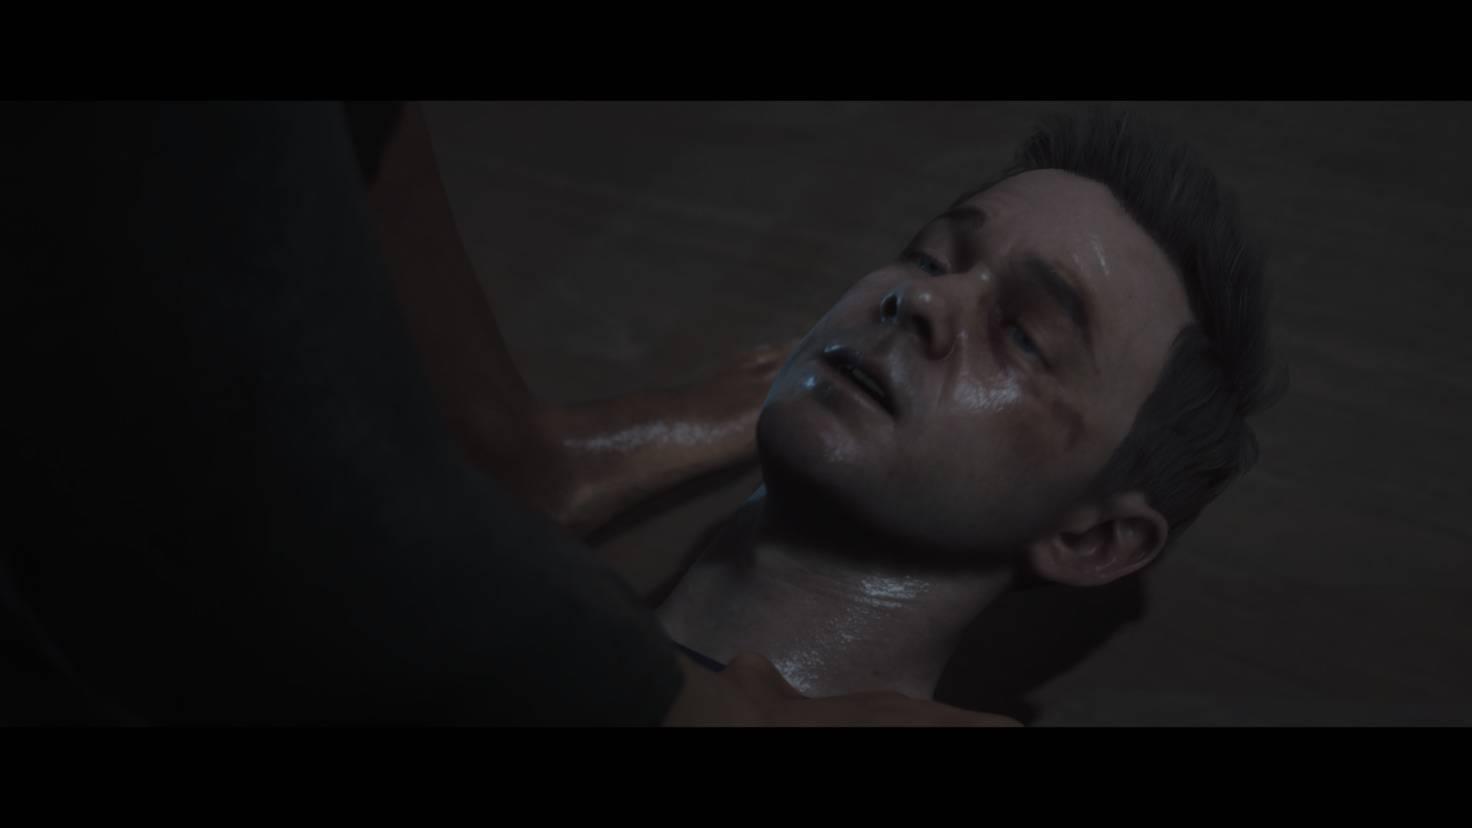 """Na, erkannt? Das ist Shawn Ashmore, besser bekannt als Iceman aus den alten """"X-Men""""-Filmen."""